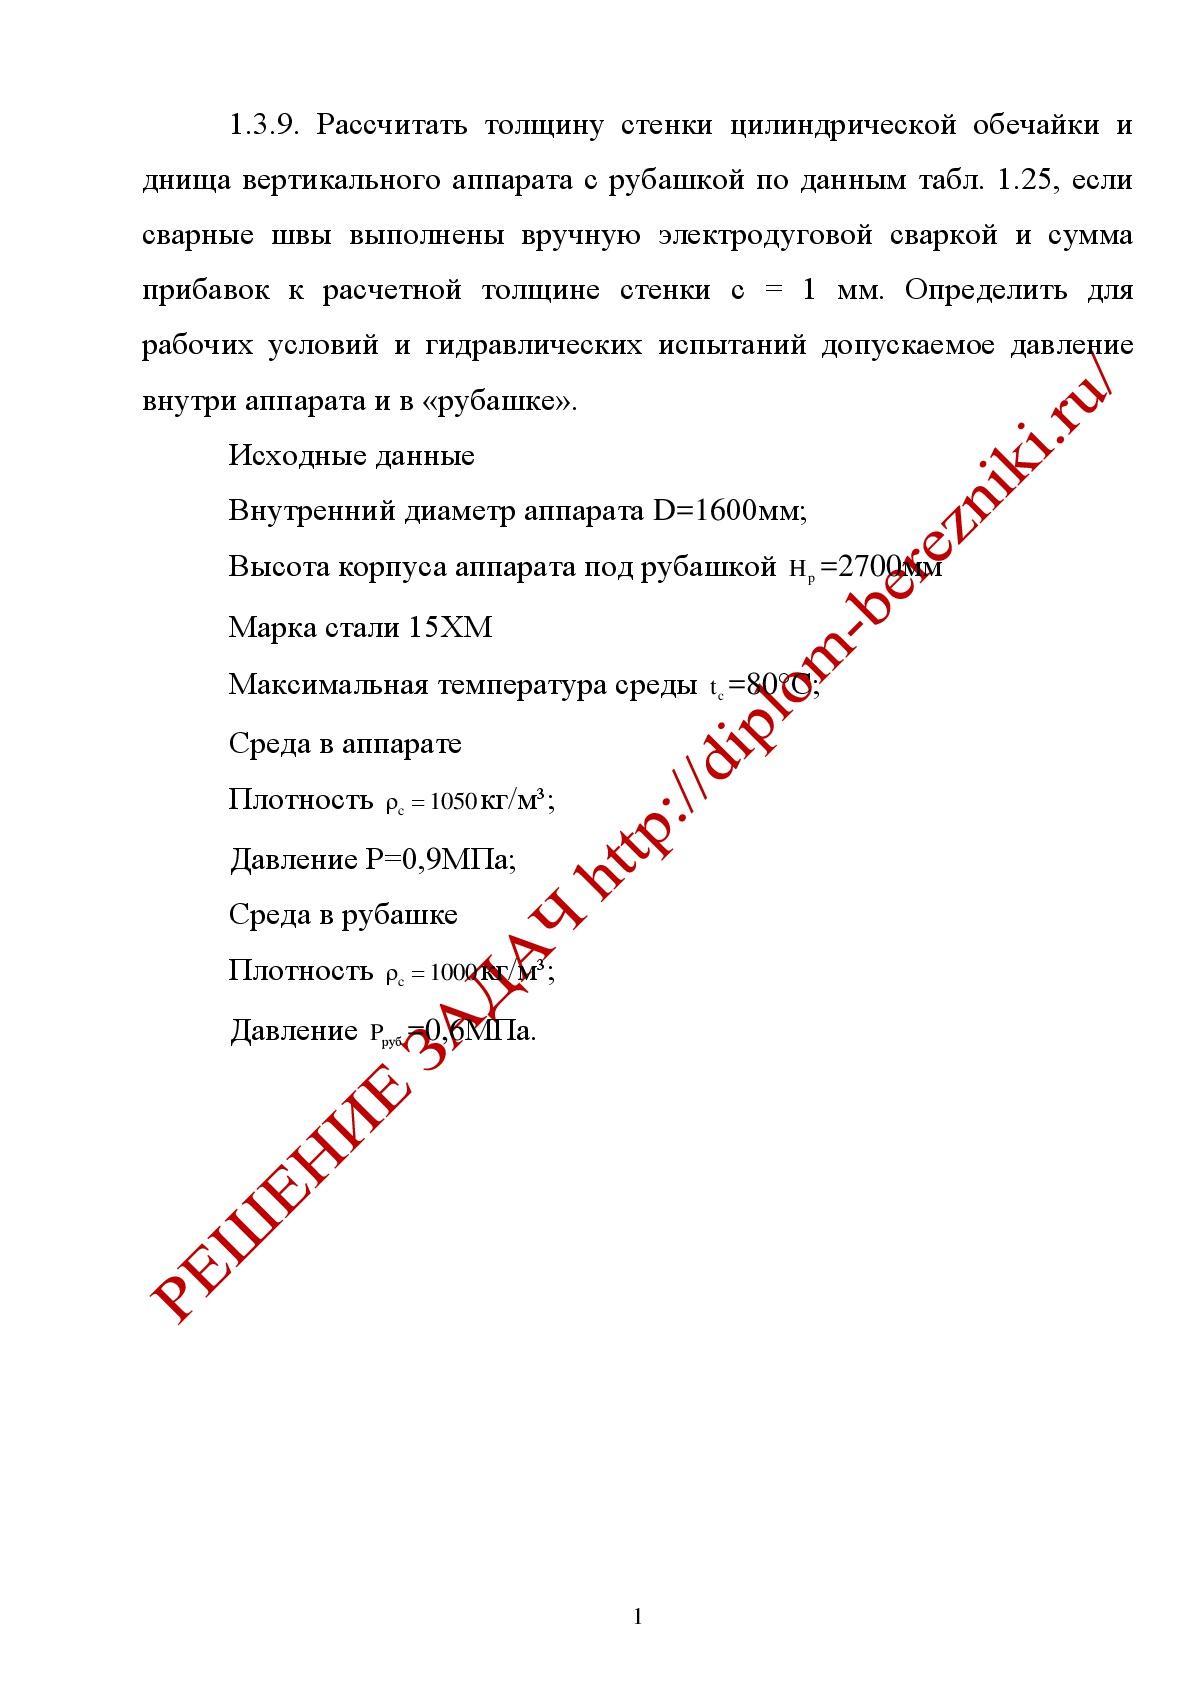 Решение задачи 1.3.9. вариант 7 КРЭОО Конструирование и расчет элементов оборудования отрасли